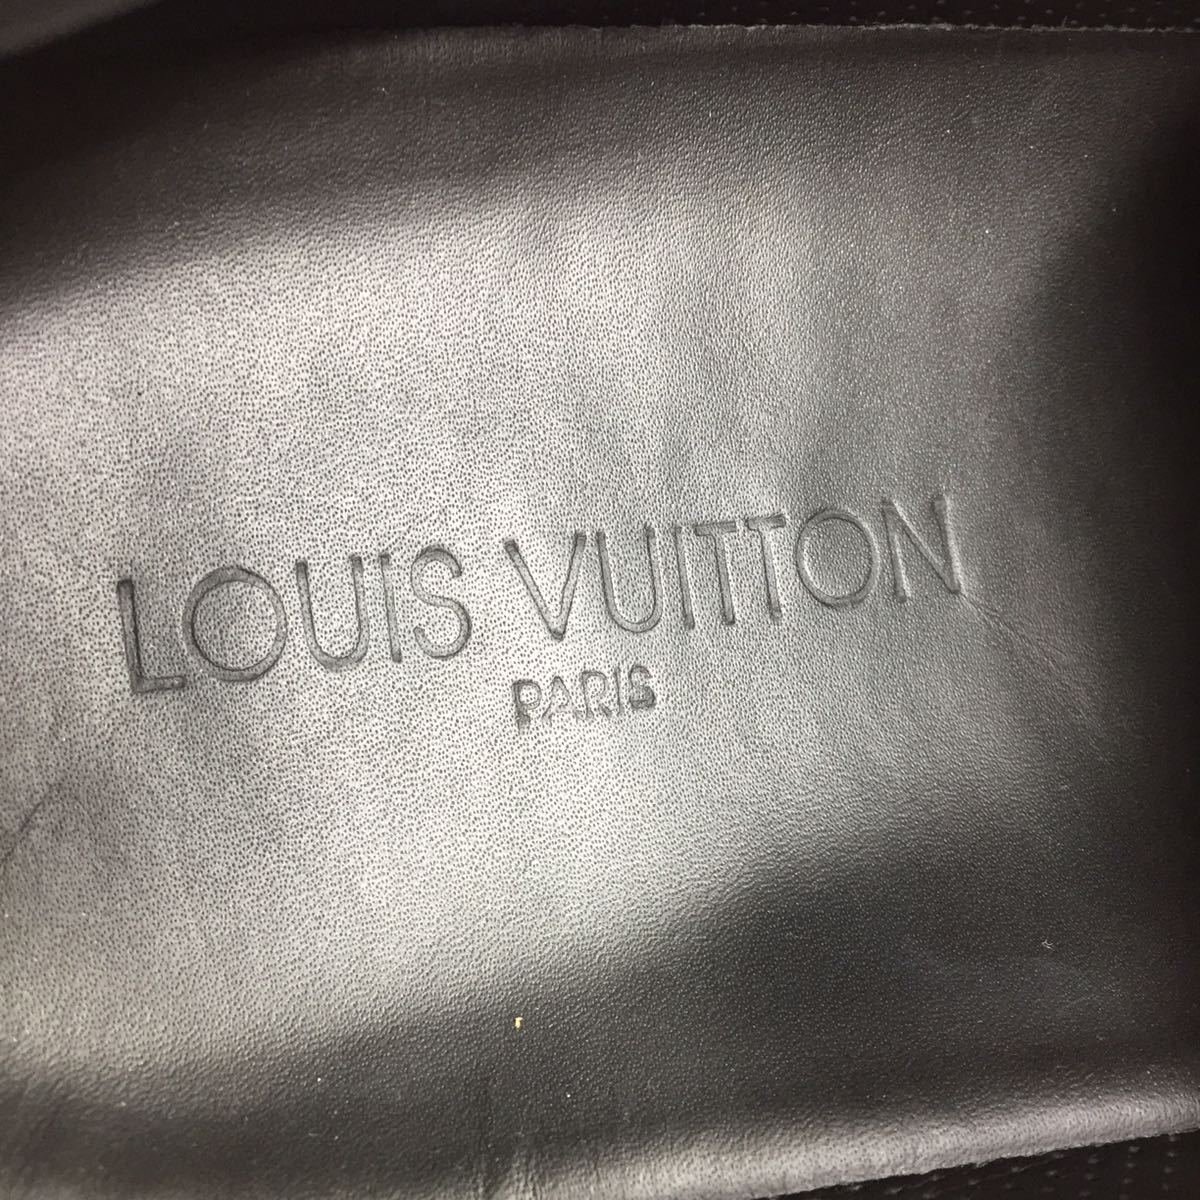 【ルイヴィトン】本物 LOUIS VUITTON 靴 28cm 黒 モノグラム スニーカー カジュアルシューズ 本革 レザー 男性用 メンズ イタリア製 9 1/2_画像9